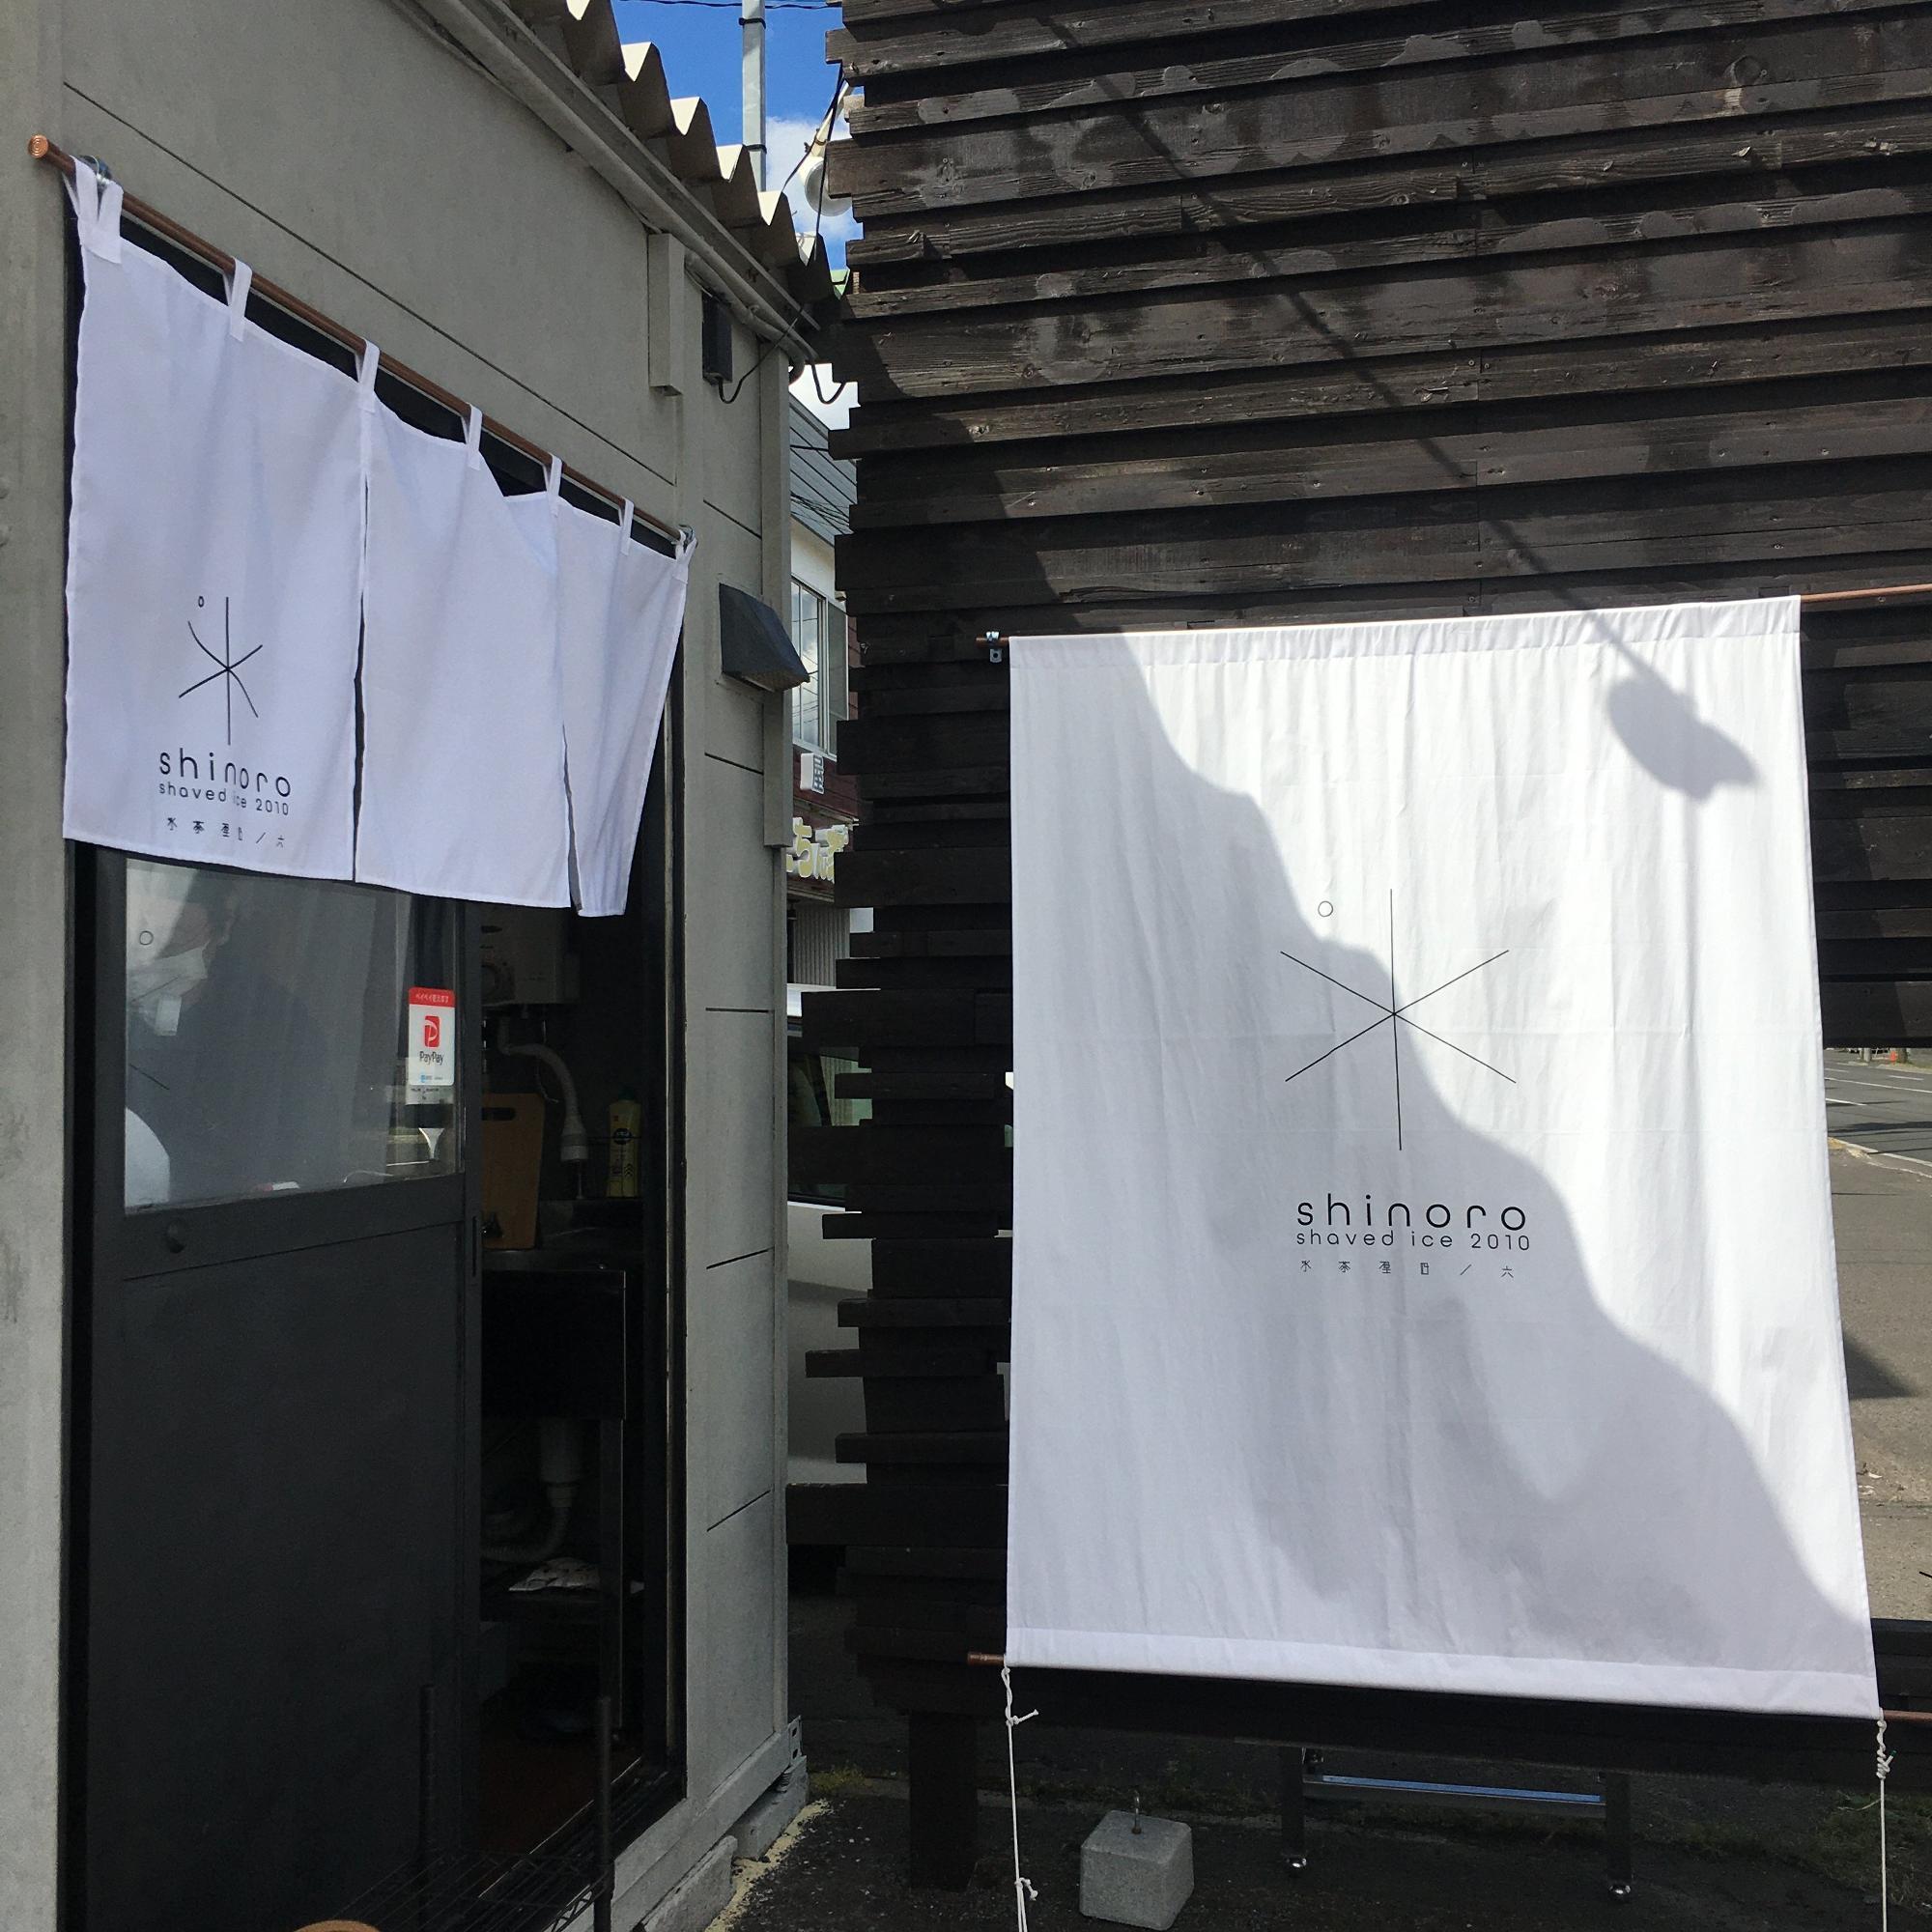 店長がデザインしたロゴで作った暖簾と日除け幕がステキです